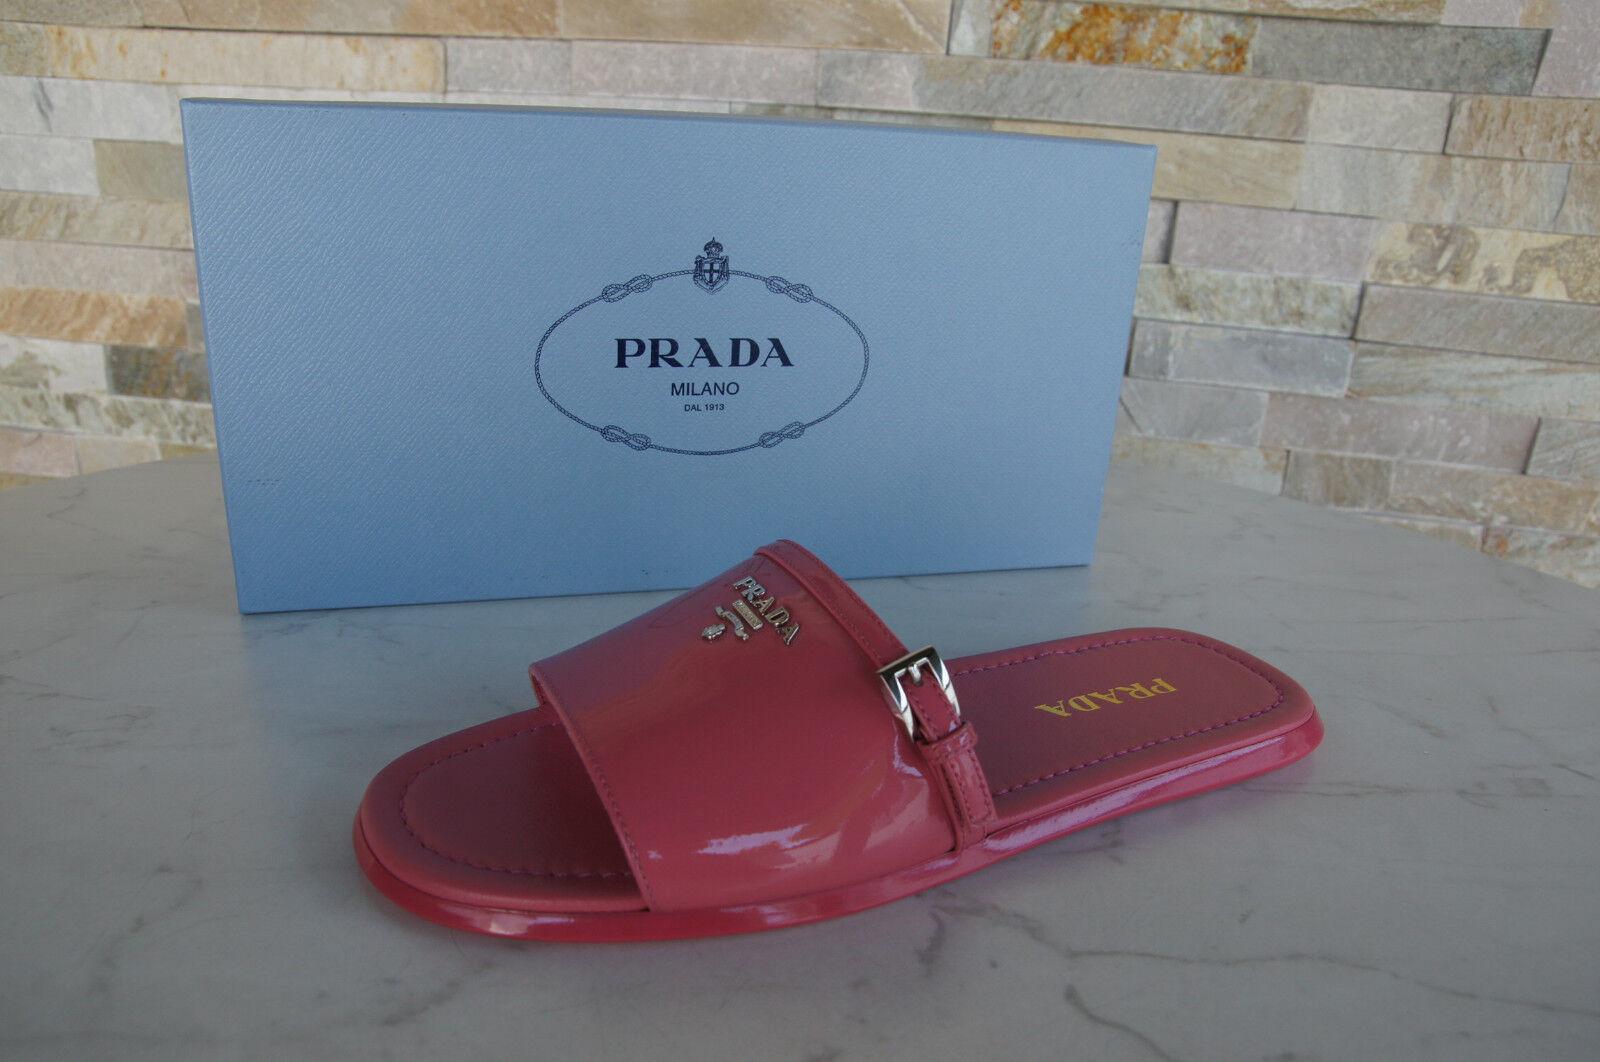 Prada talla 38 sandalias zapatos sandalias 1xx301 charol Begonia Begonia Begonia nuevo ex. PVP  El nuevo outlet de marcas online.